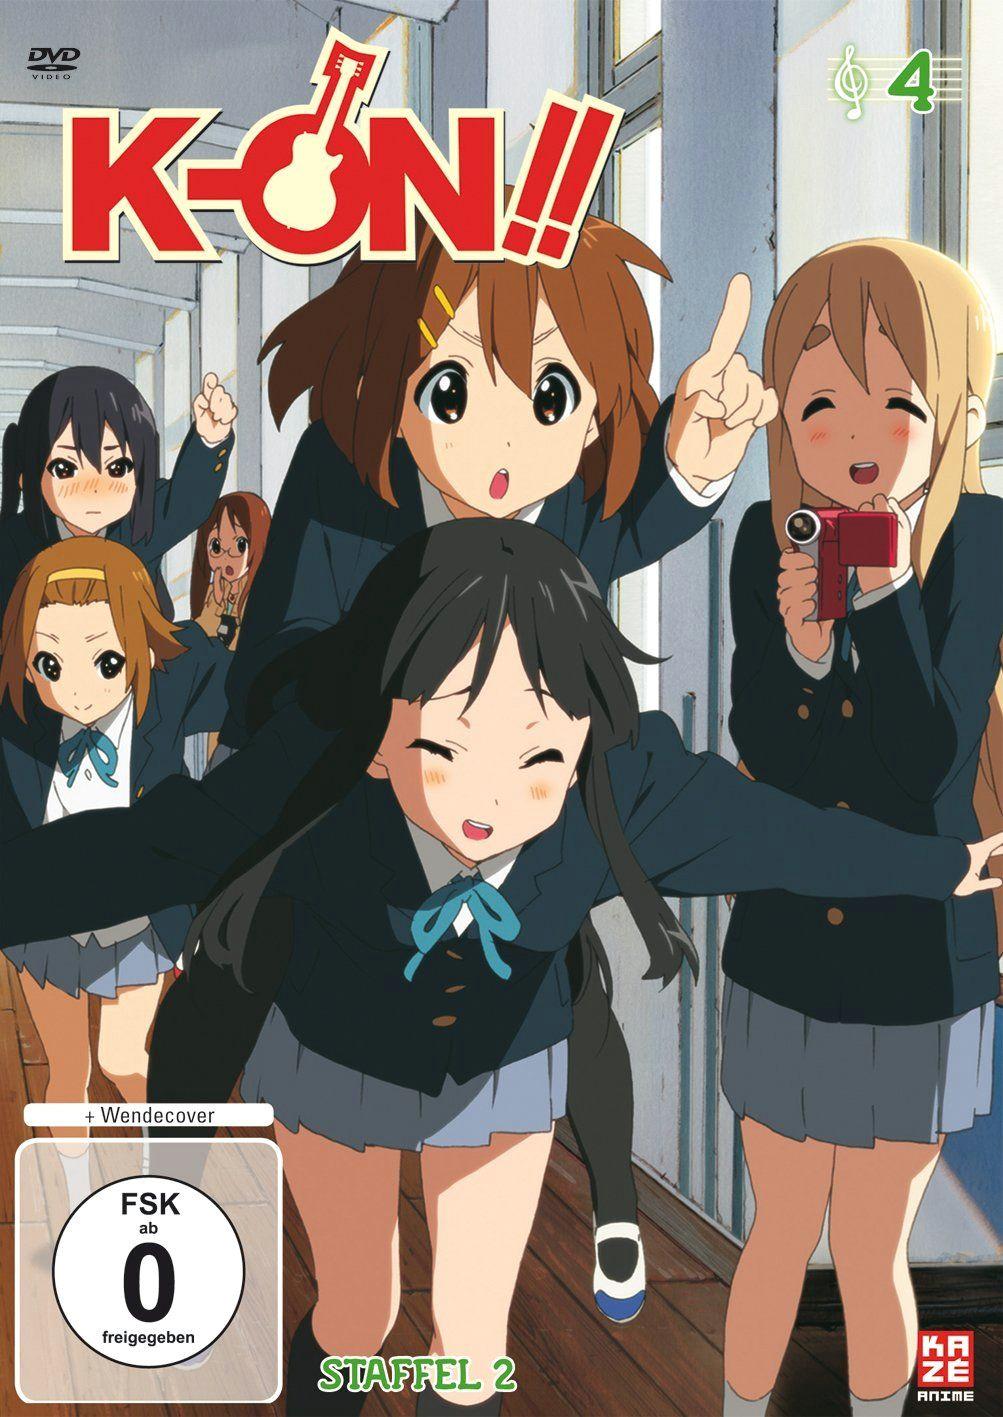 k on manga books holiday wishes manga drawing manga anime anime art